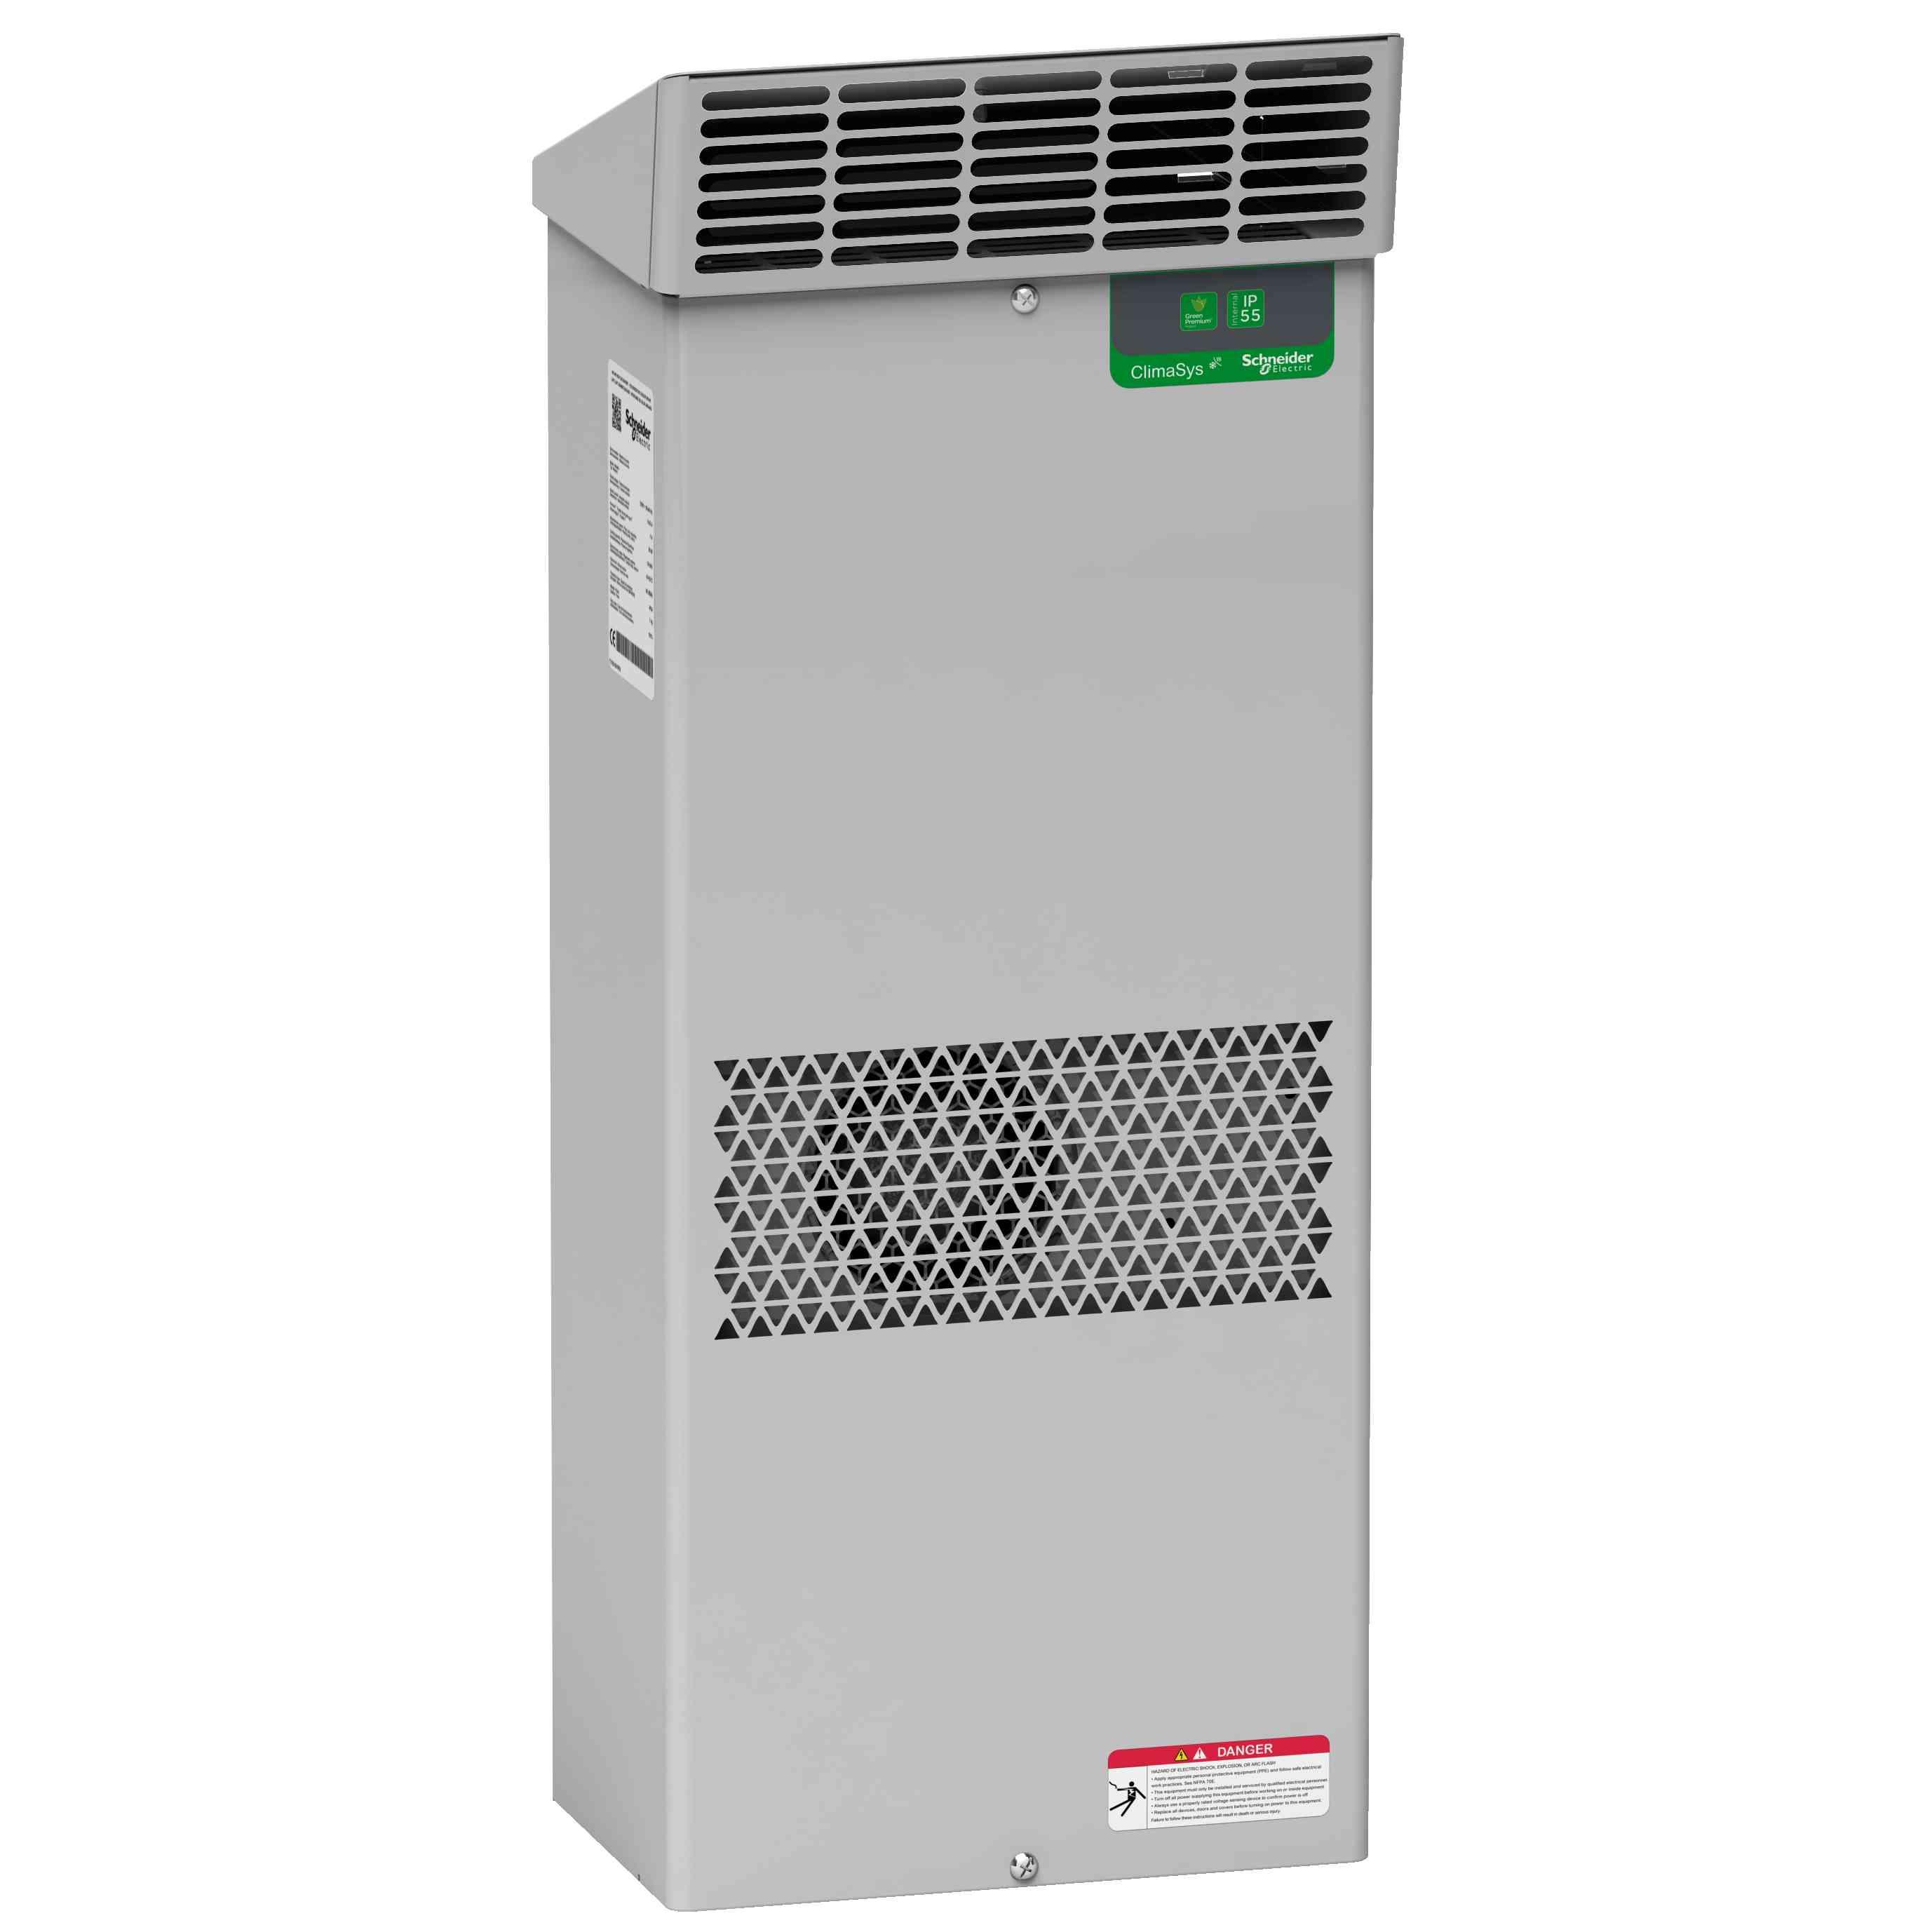 Zunanja hladilna enota ClimaSys ob strani omare - 1000 W pri 400 do 440 V